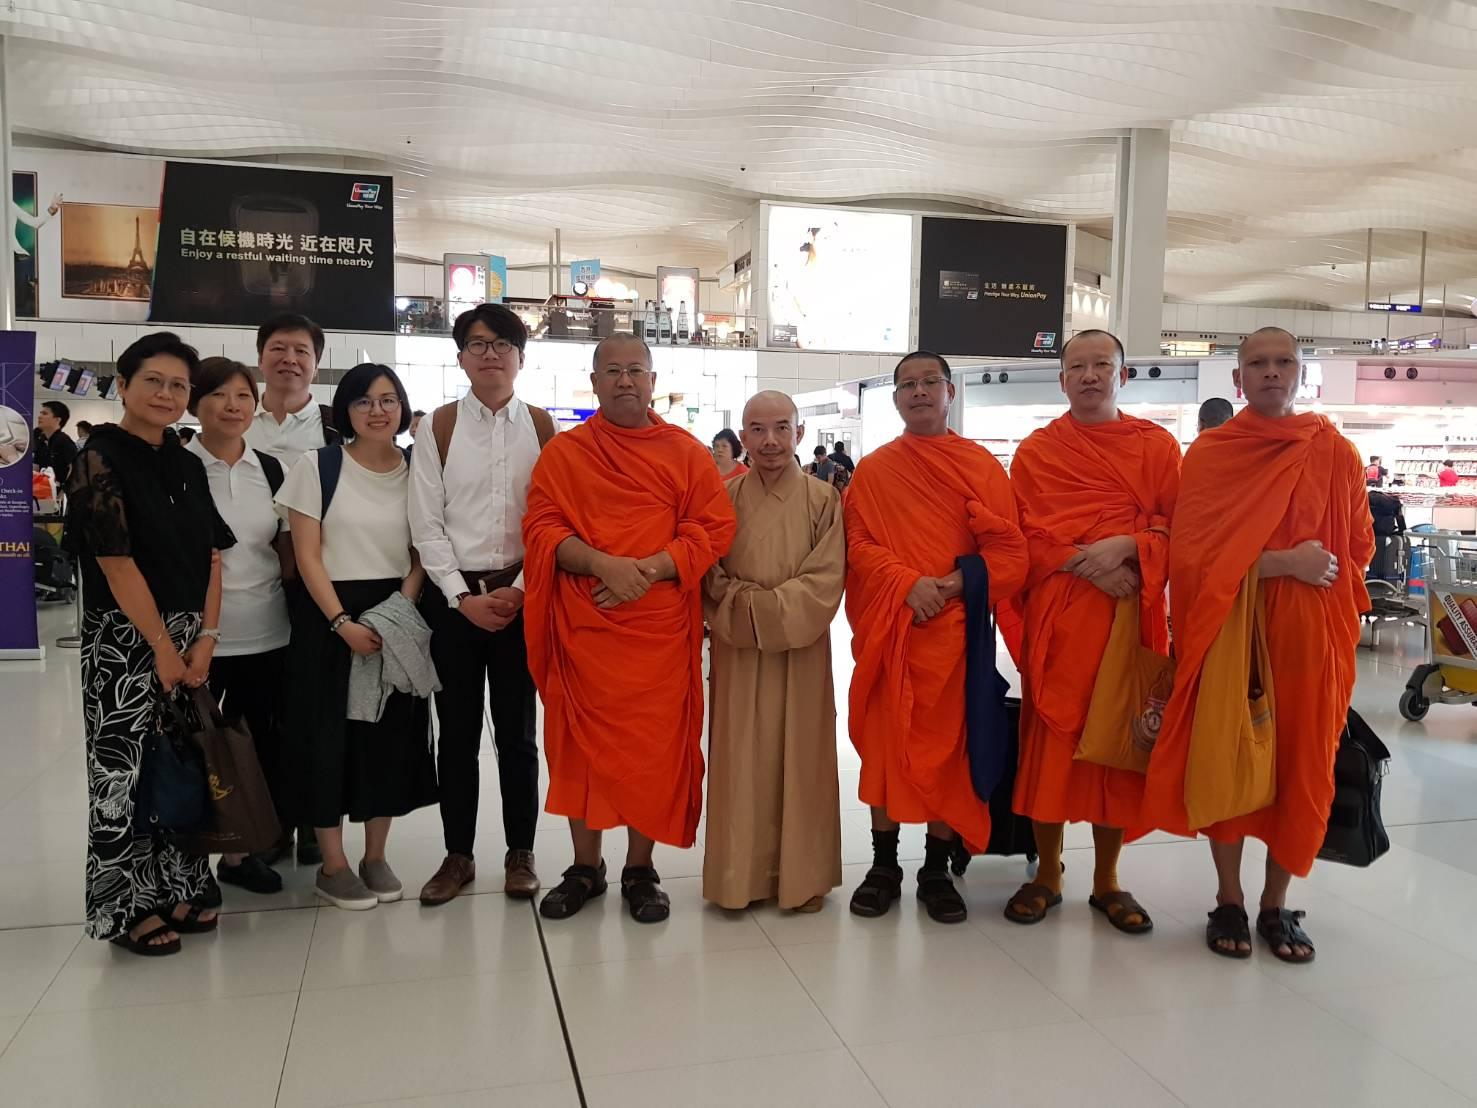 610713 รอง กต ร่วมงานศพVen.Dr. Sik Kin Chiu, จีนฮ่องกง 13